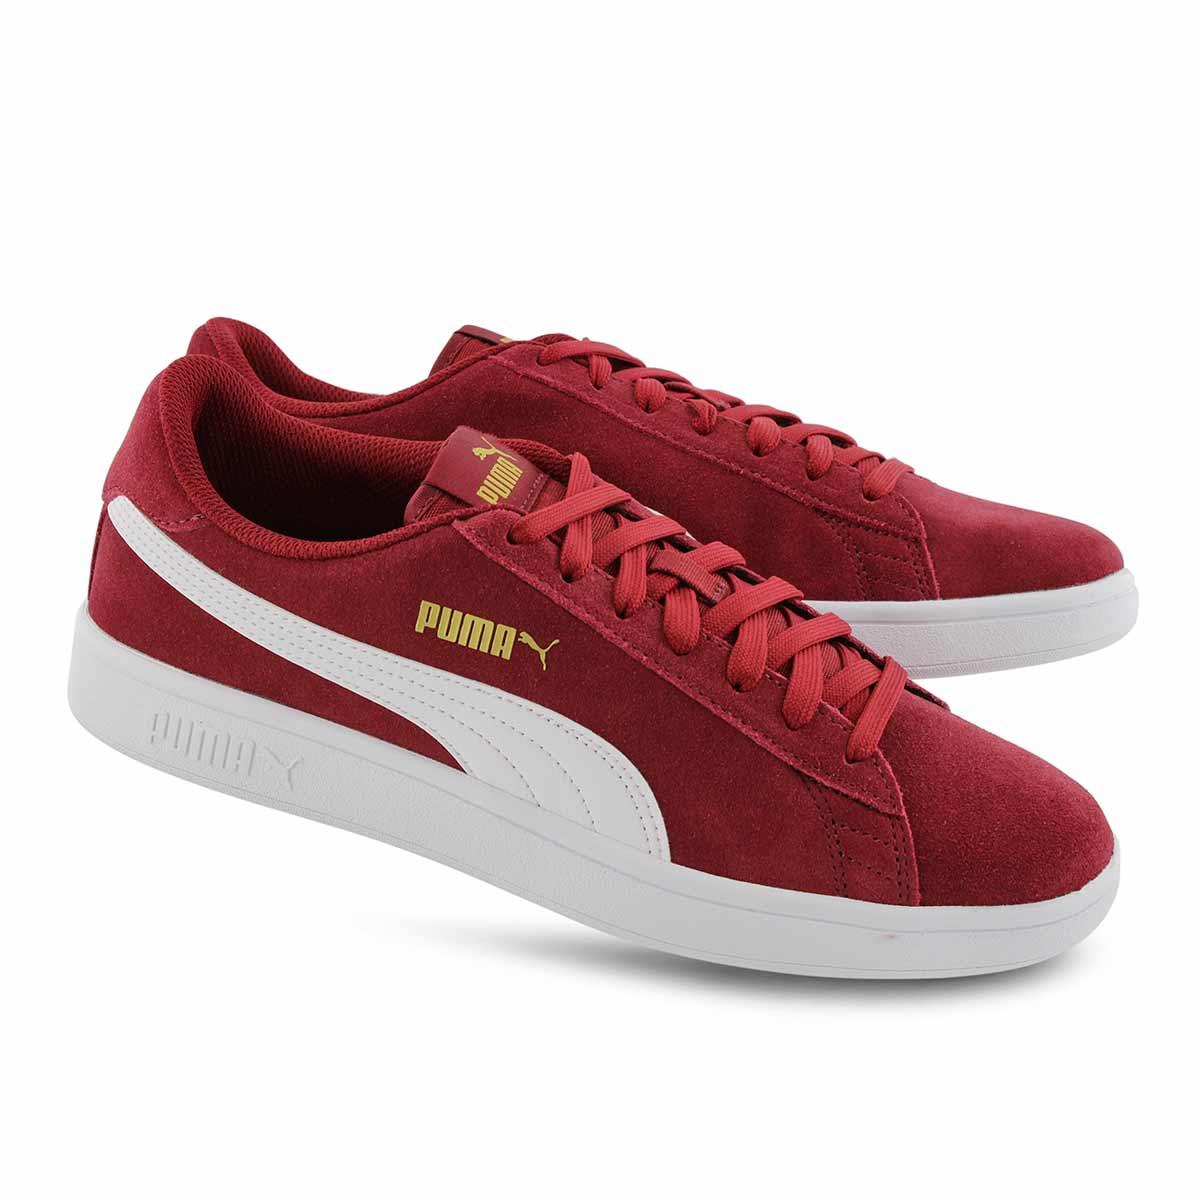 Mns Puma Smash v2 rhubarb/wht sneaker